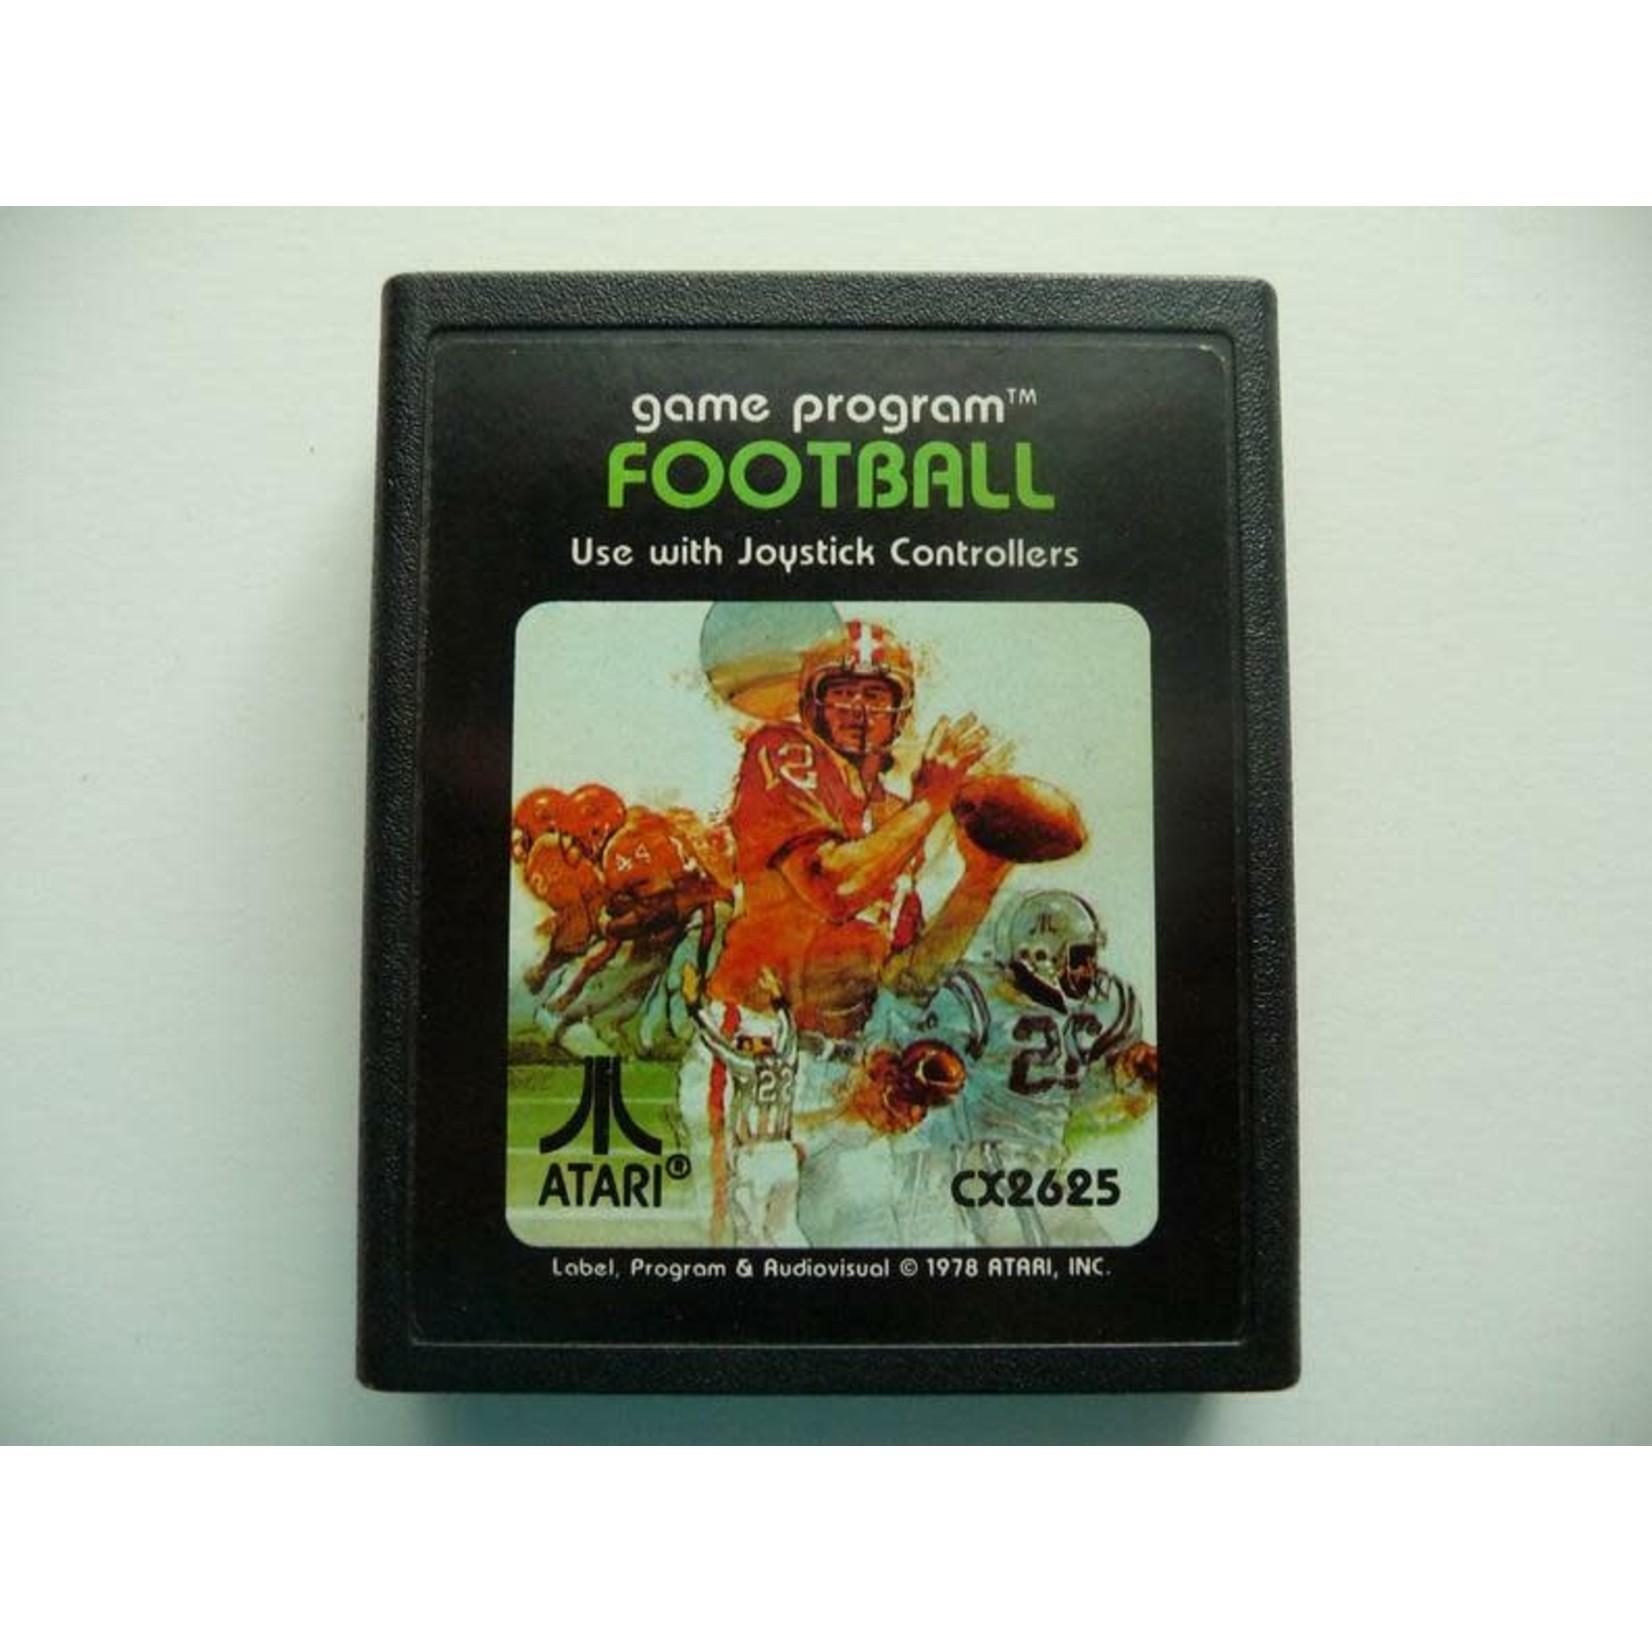 ATARIU-Football (CART ONLY)